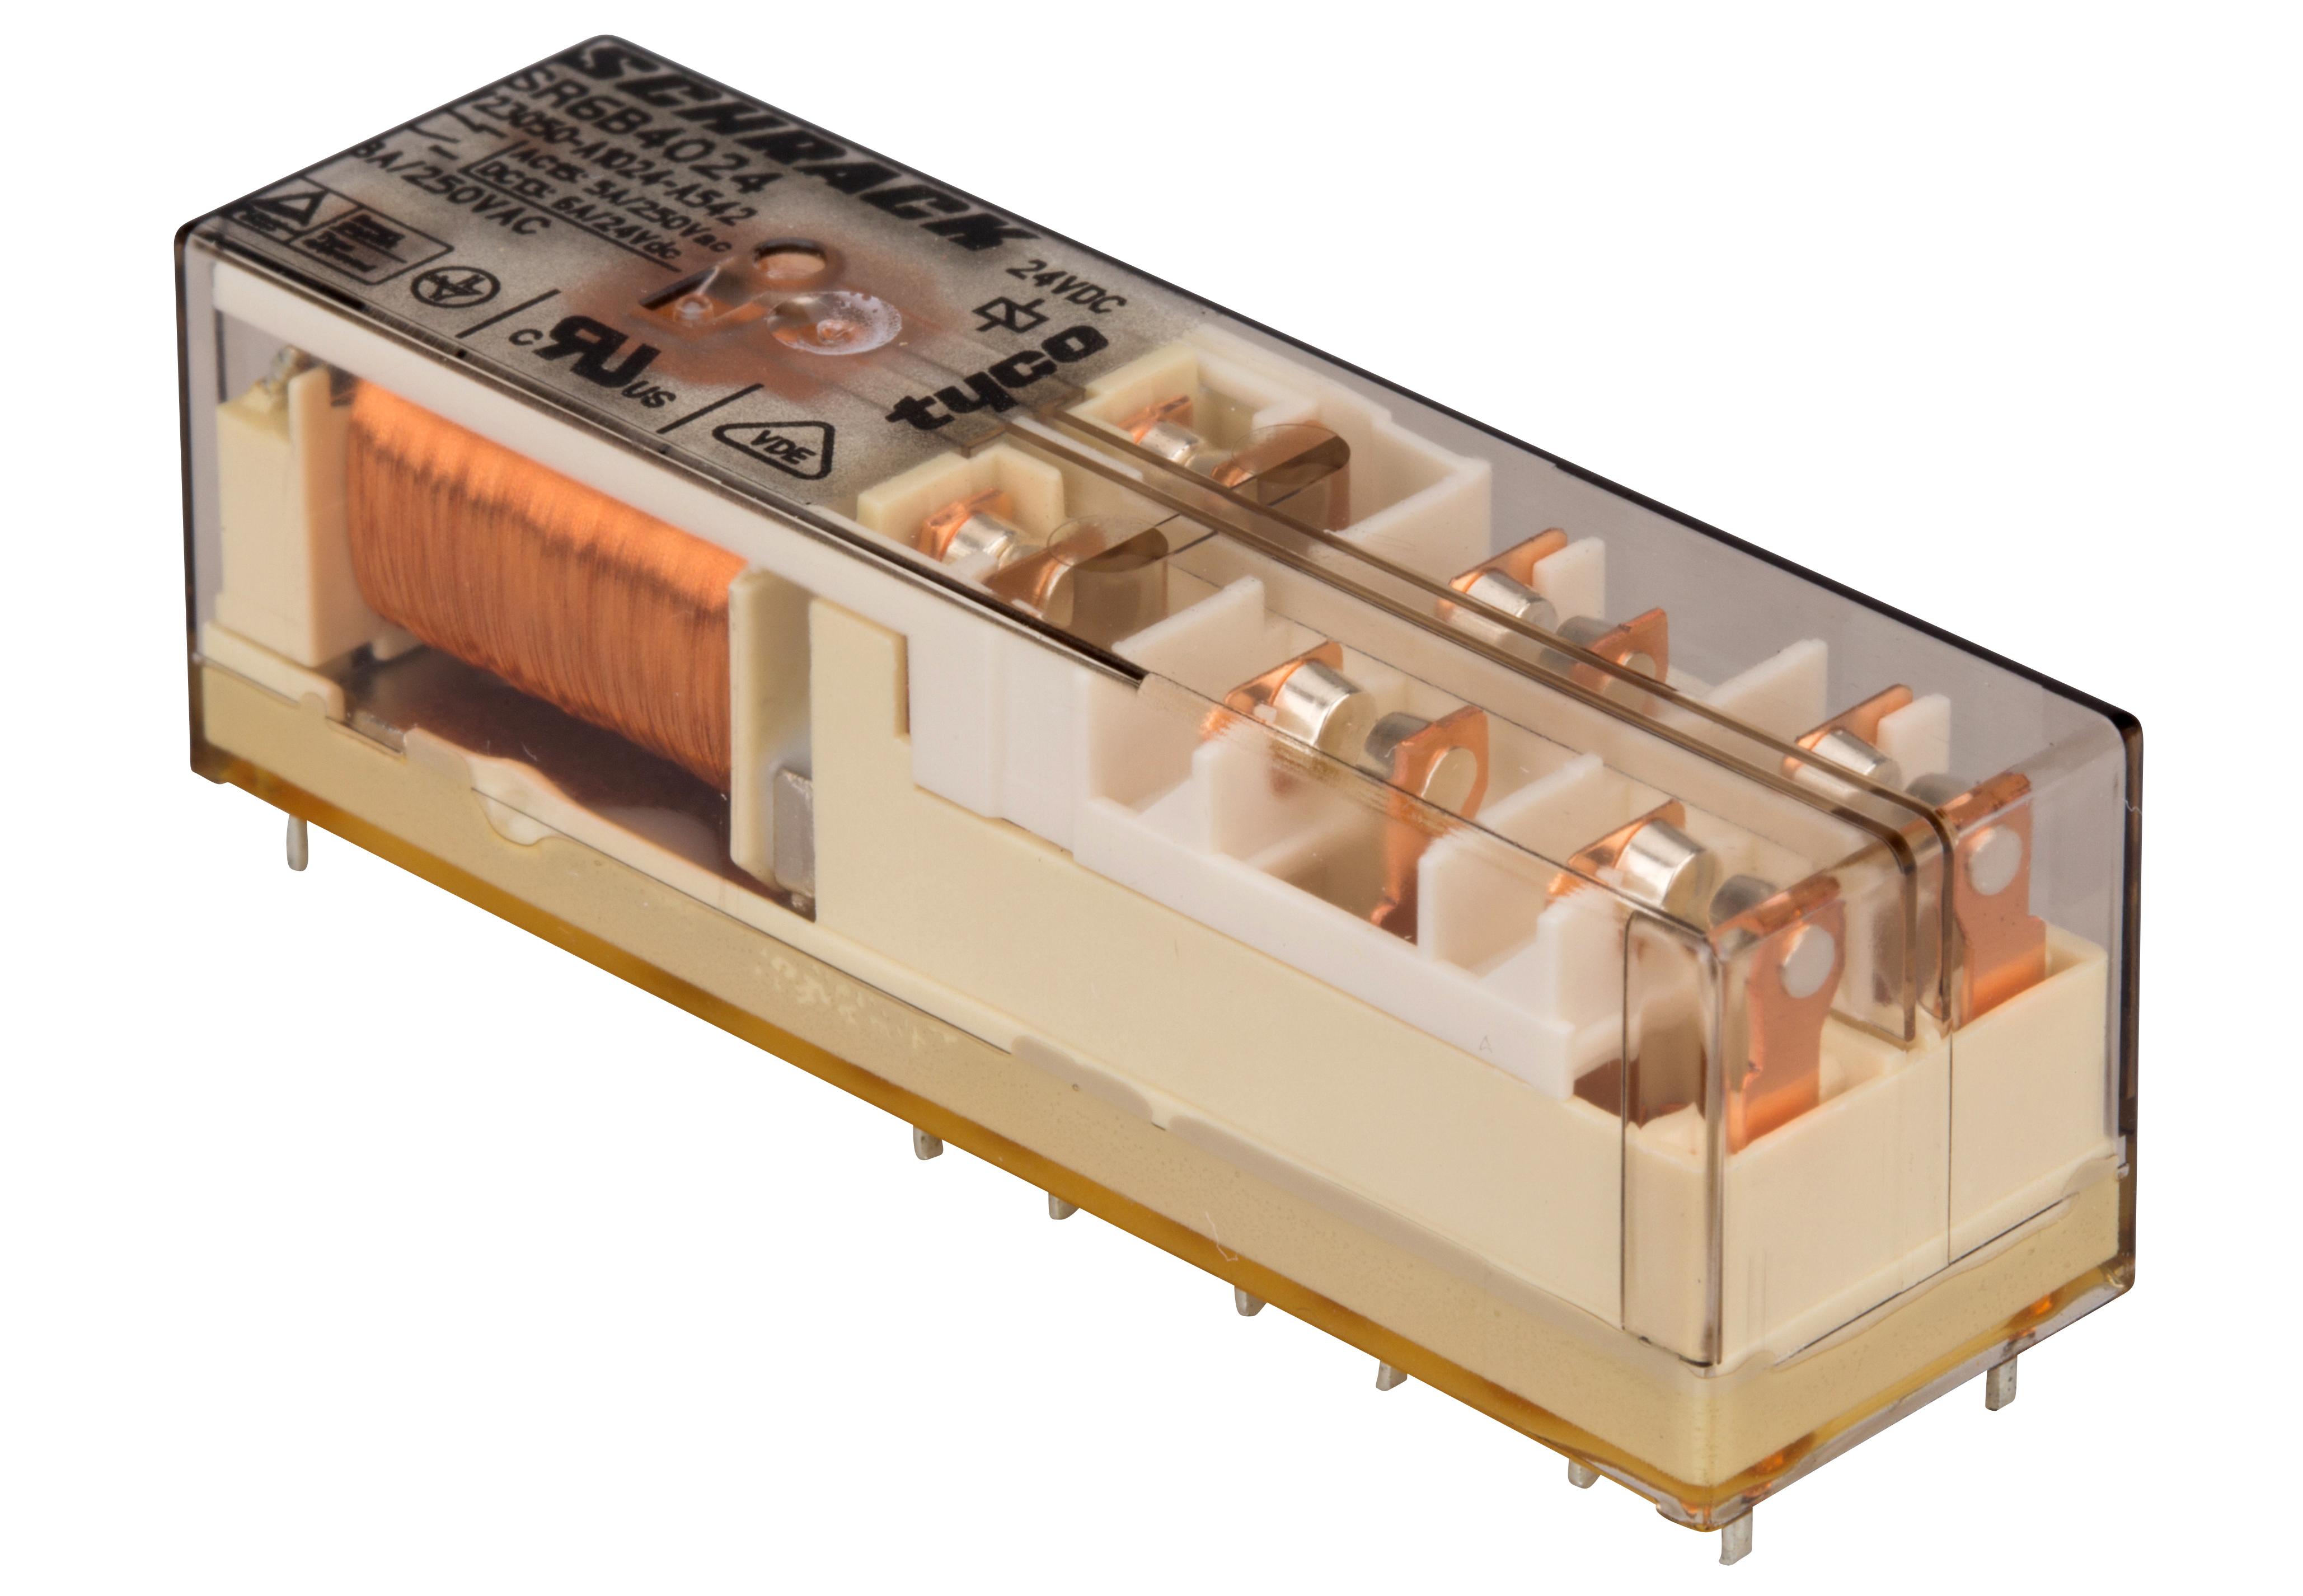 1 Stk Relais mit zwangsgeführten Kontakten, 4S+2Ö, 24VDC, 8A, 5mm SR6B4024--